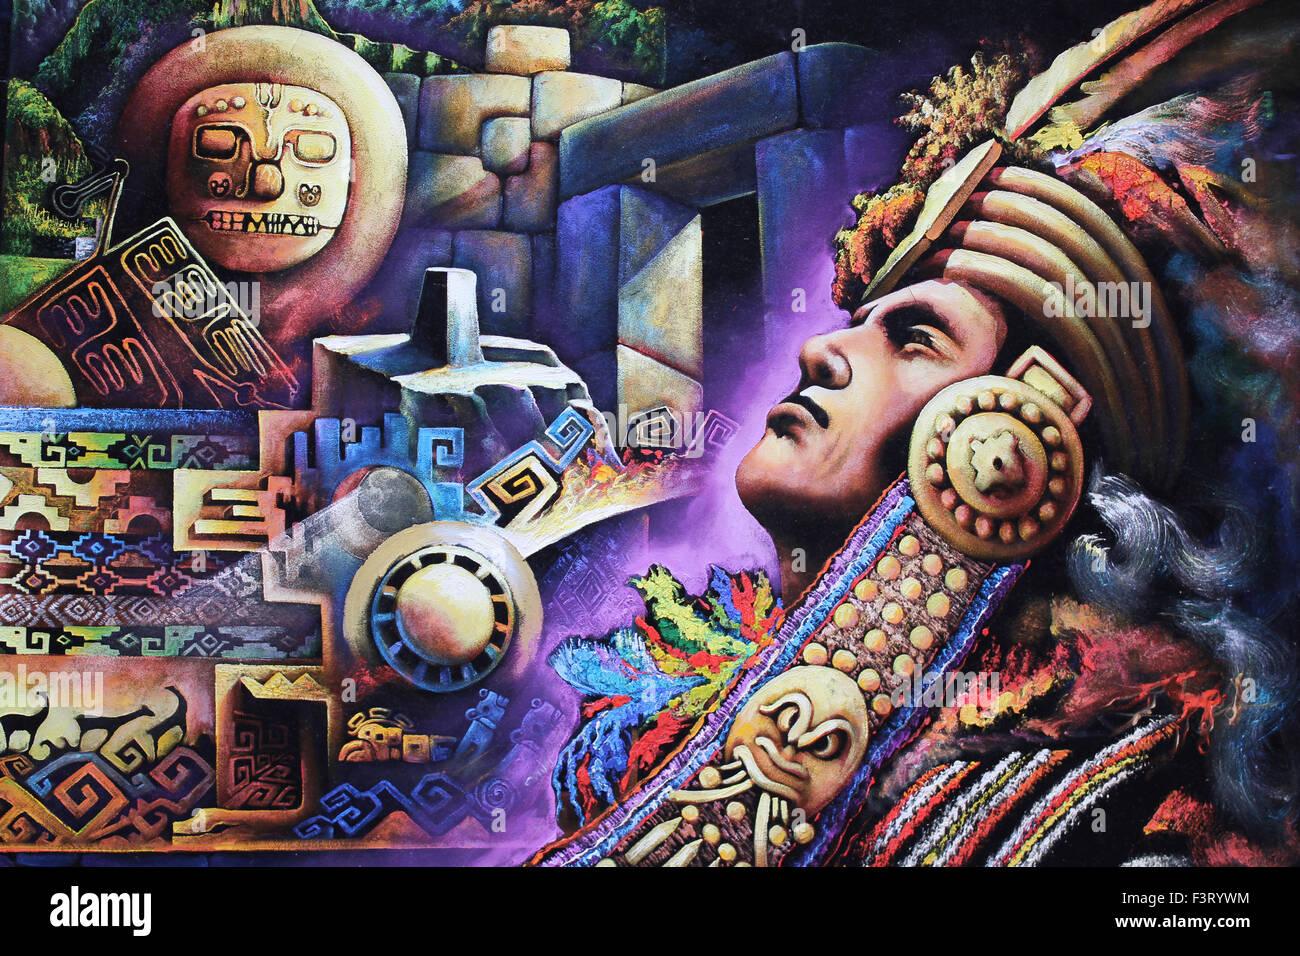 Pittura contemporanea di un guerriero Inca e simbolismo Inca Immagini Stock